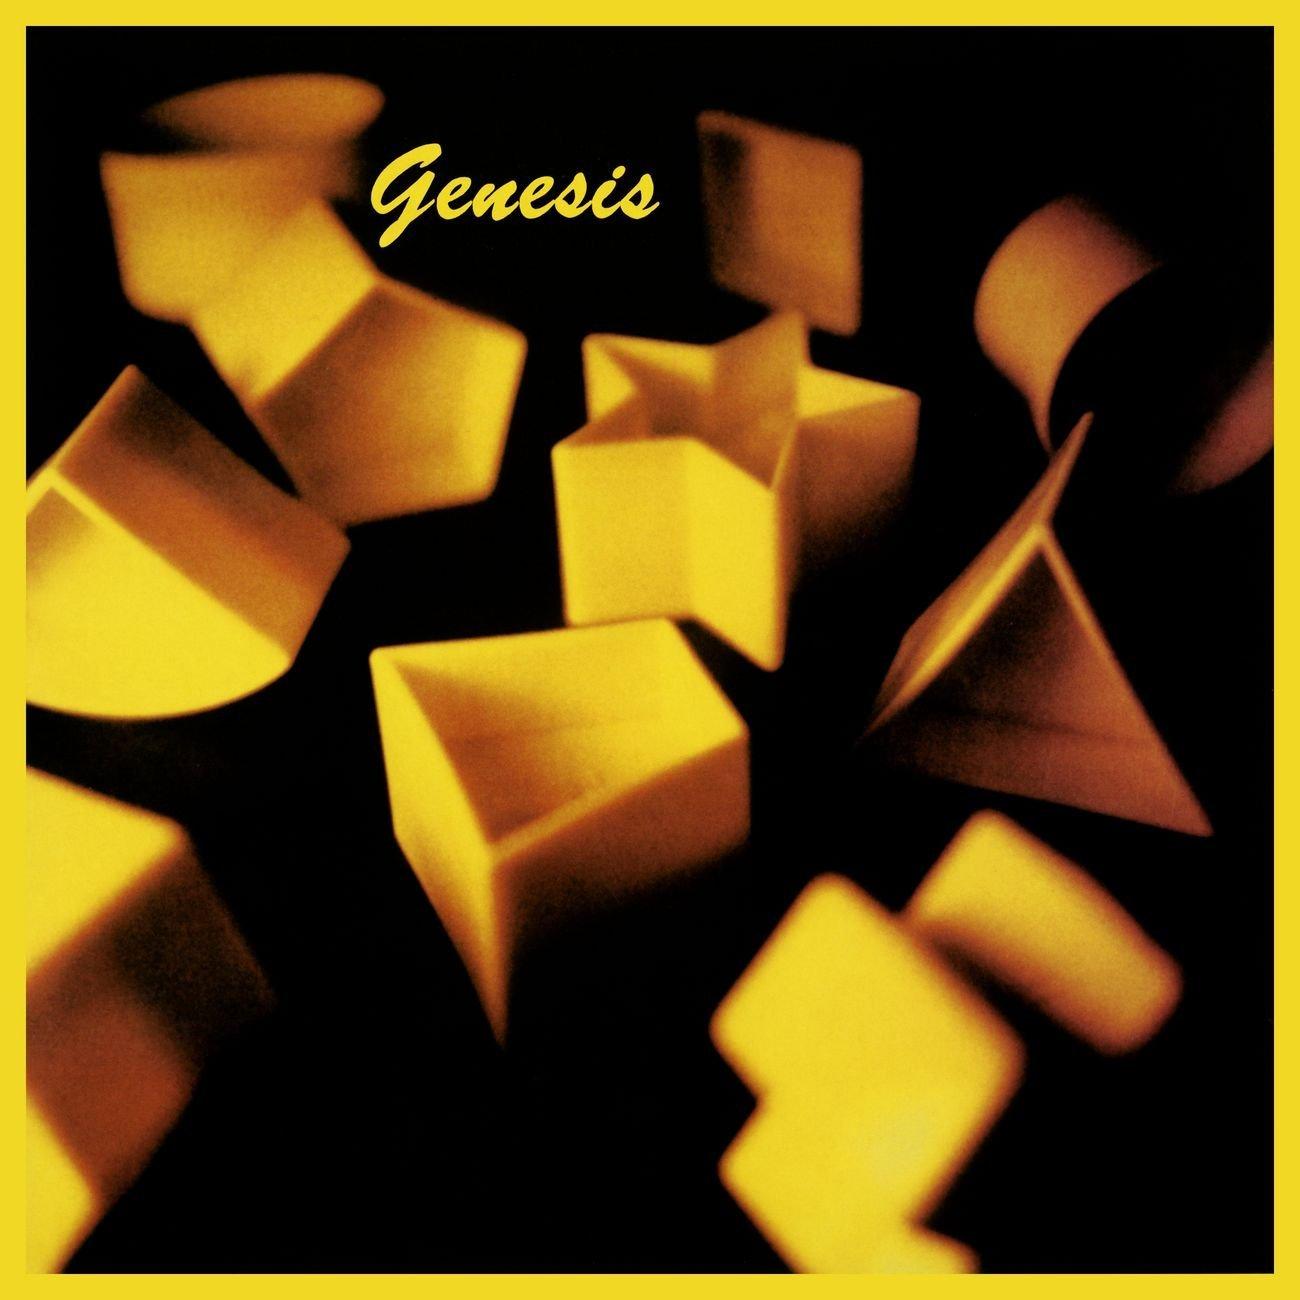 Genesis Gt Discographie Gt Albums Gt Genesis